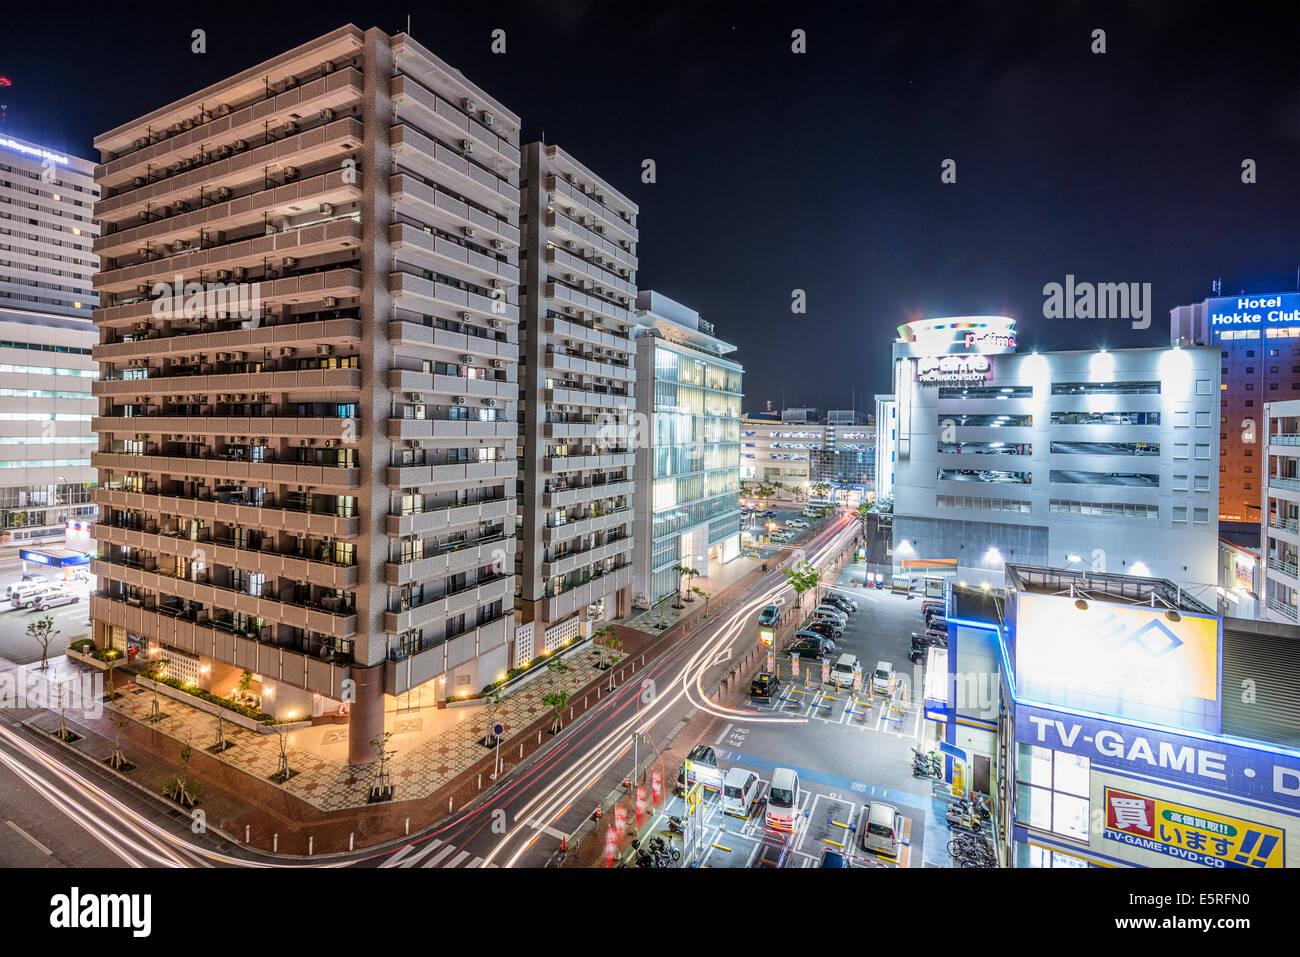 NAHA, JAPON - 12 NOVEMBRE 2014: Appartements et commerces dans le centre-ville de Naha, Okinawa. La ville Photo Stock